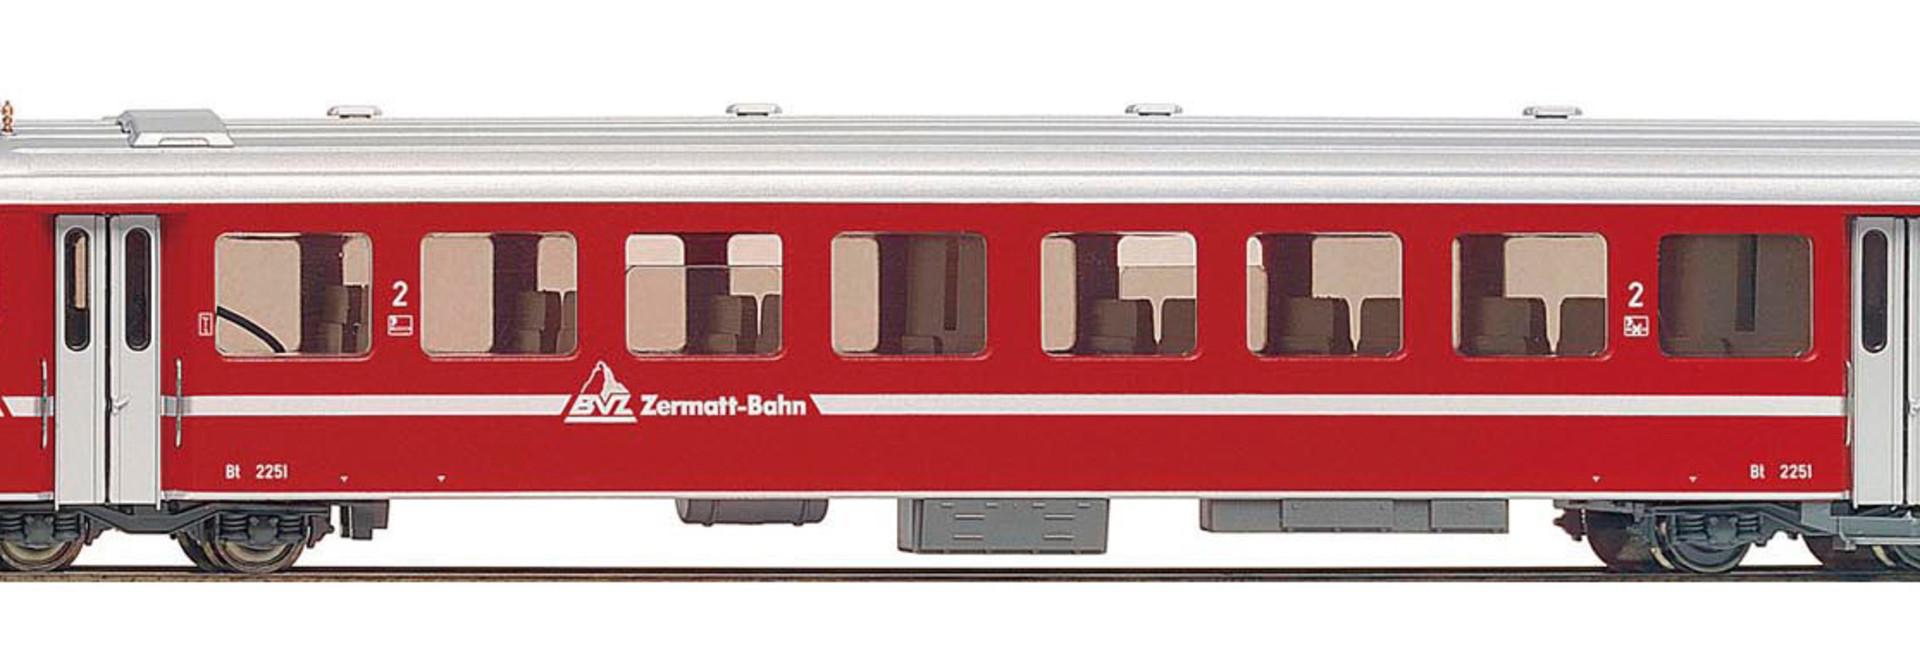 3279511 BVZ Bt 2251 Steuerwagen